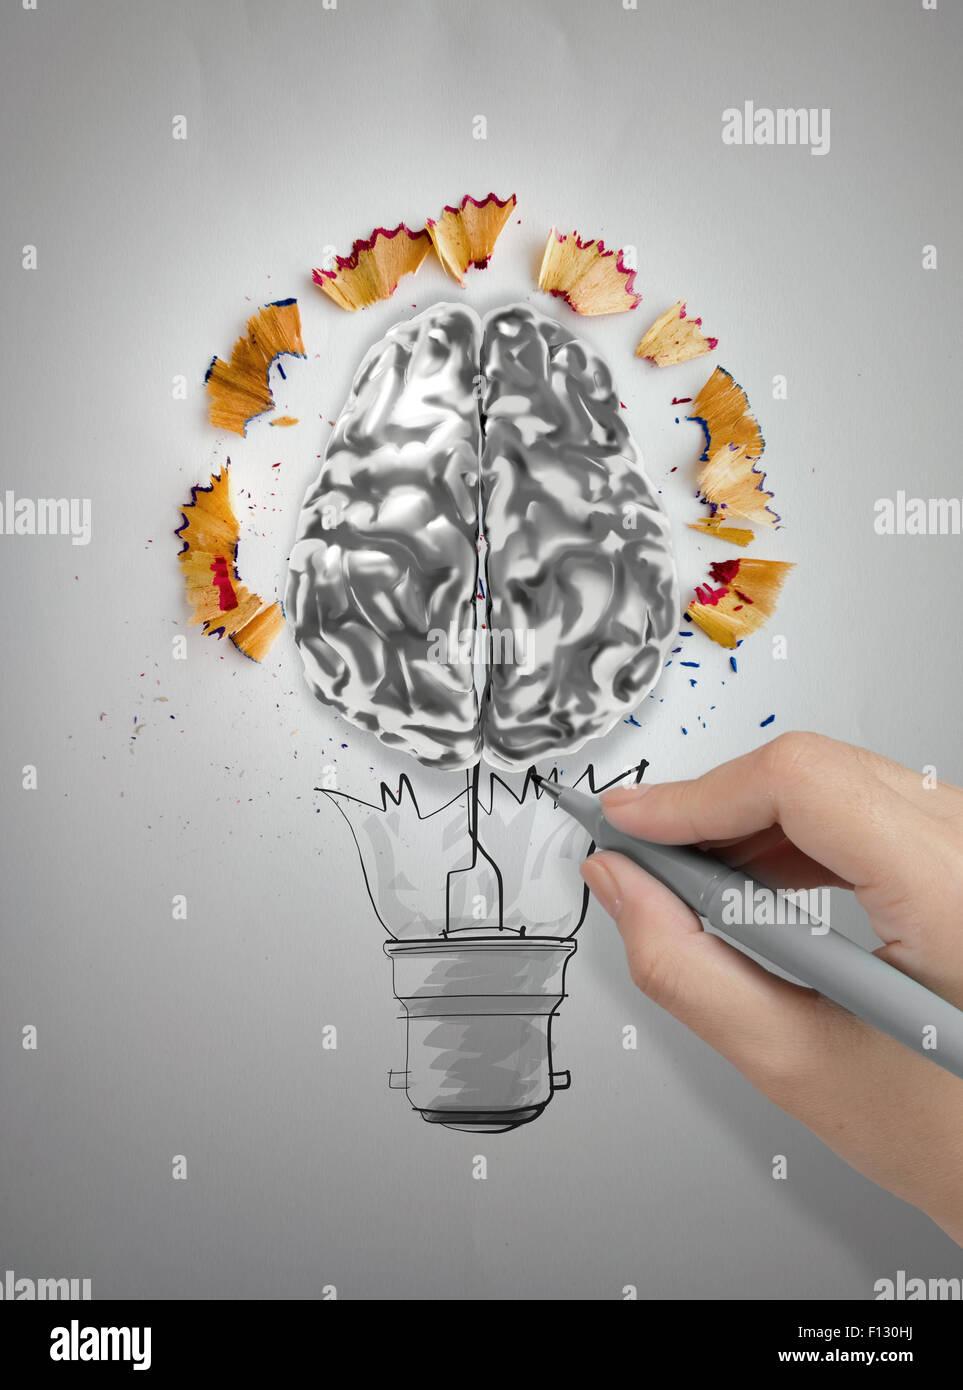 Disegno A Mano Lampadina Con Una Matita La Segatura E 3d Cervello